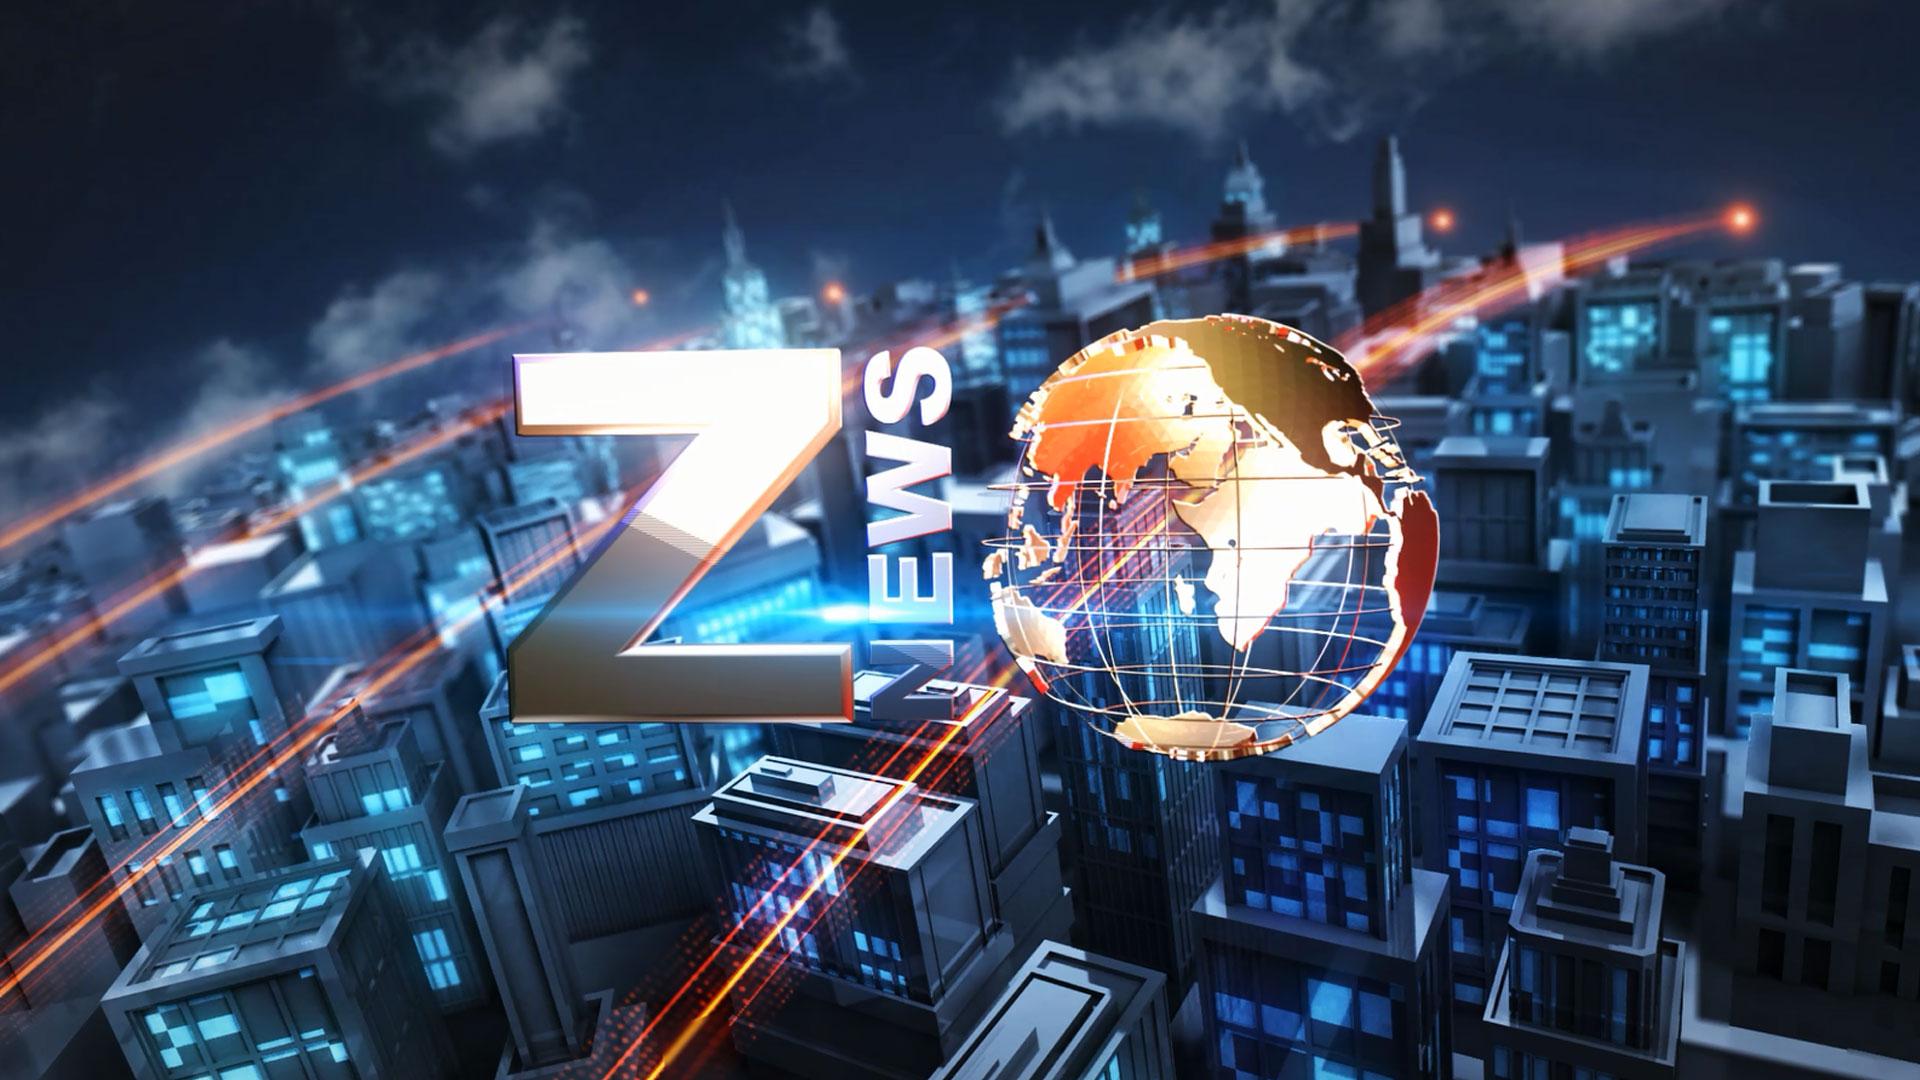 Vinheta programa de tv, tele jornal, estudio de tv, estudio a vivo, talk show, tele jornal